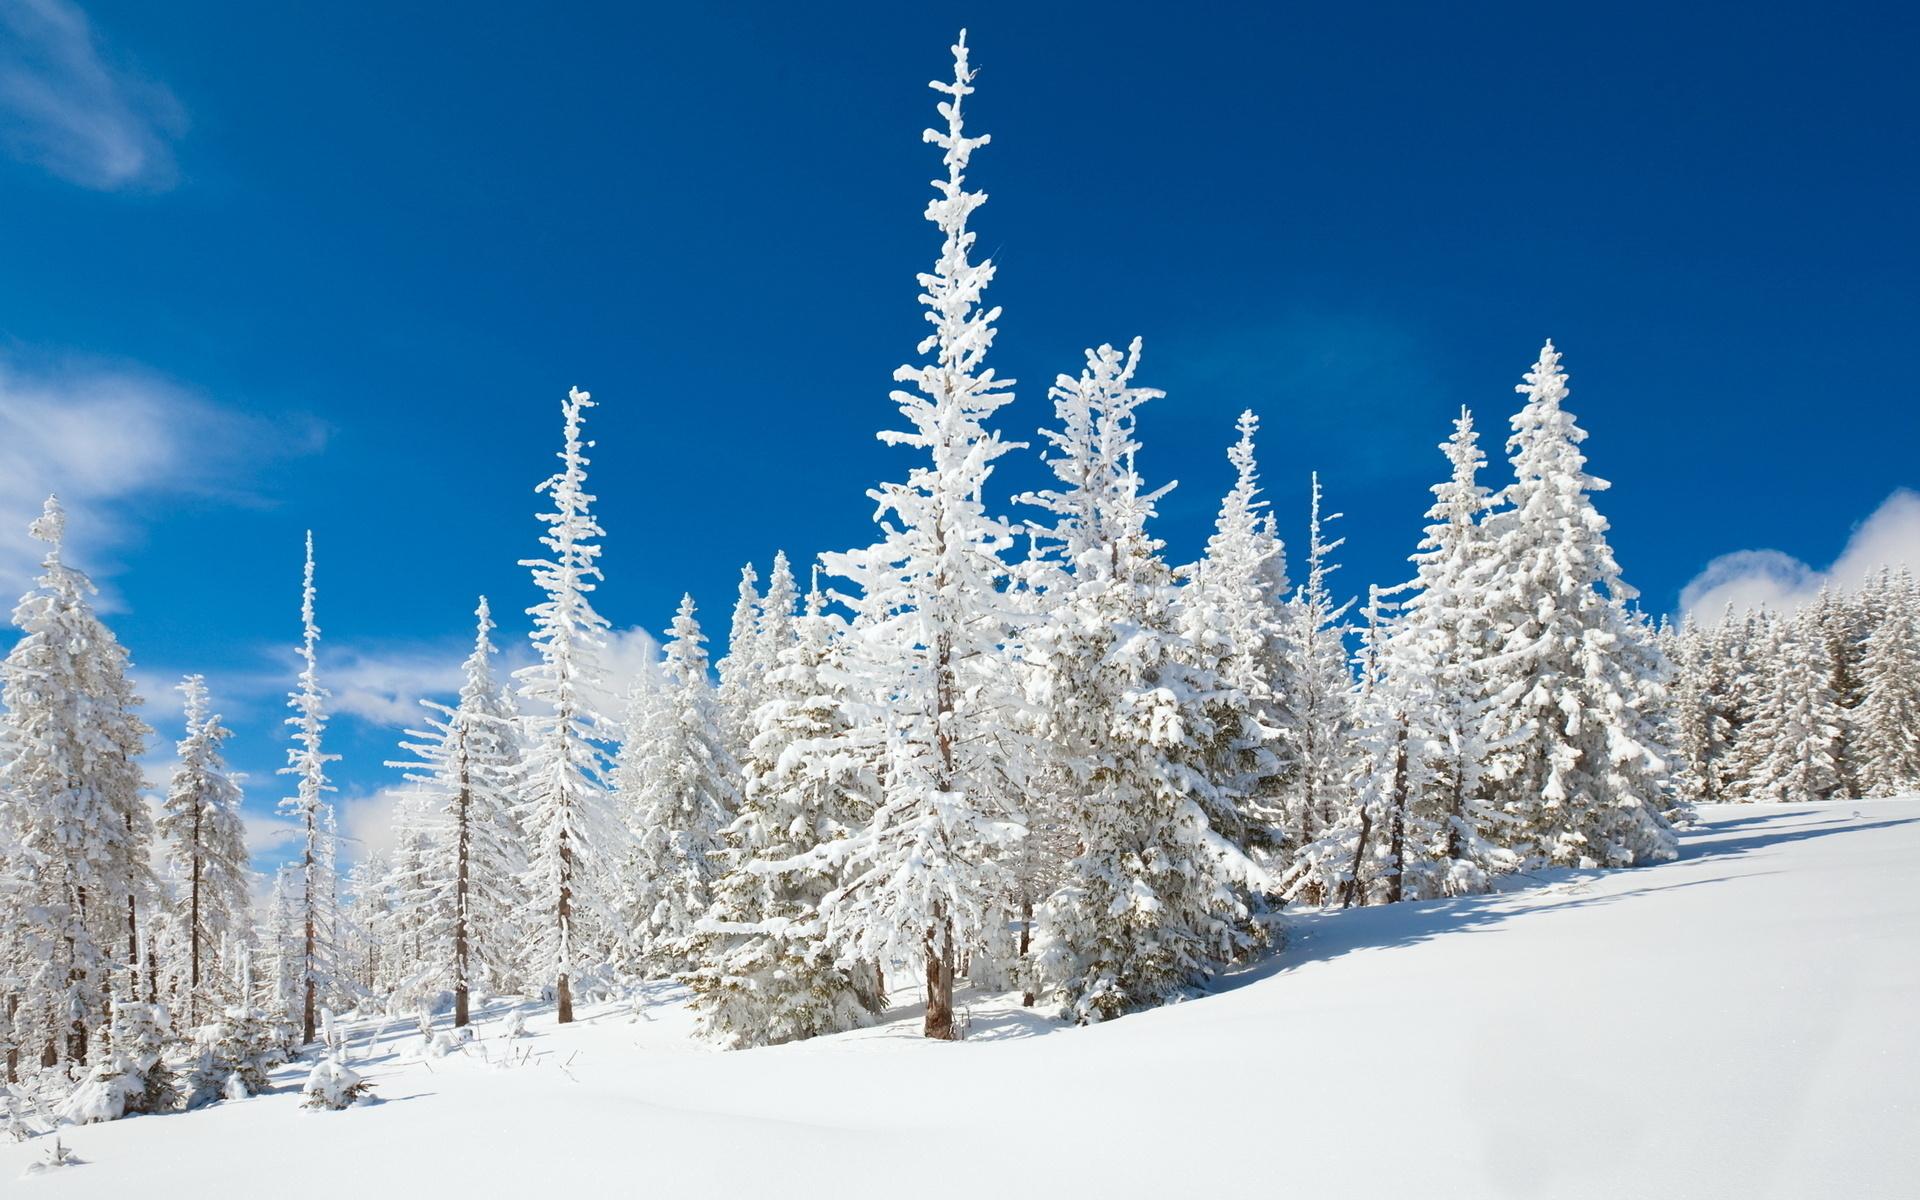 обои в зимнем лесу картинки